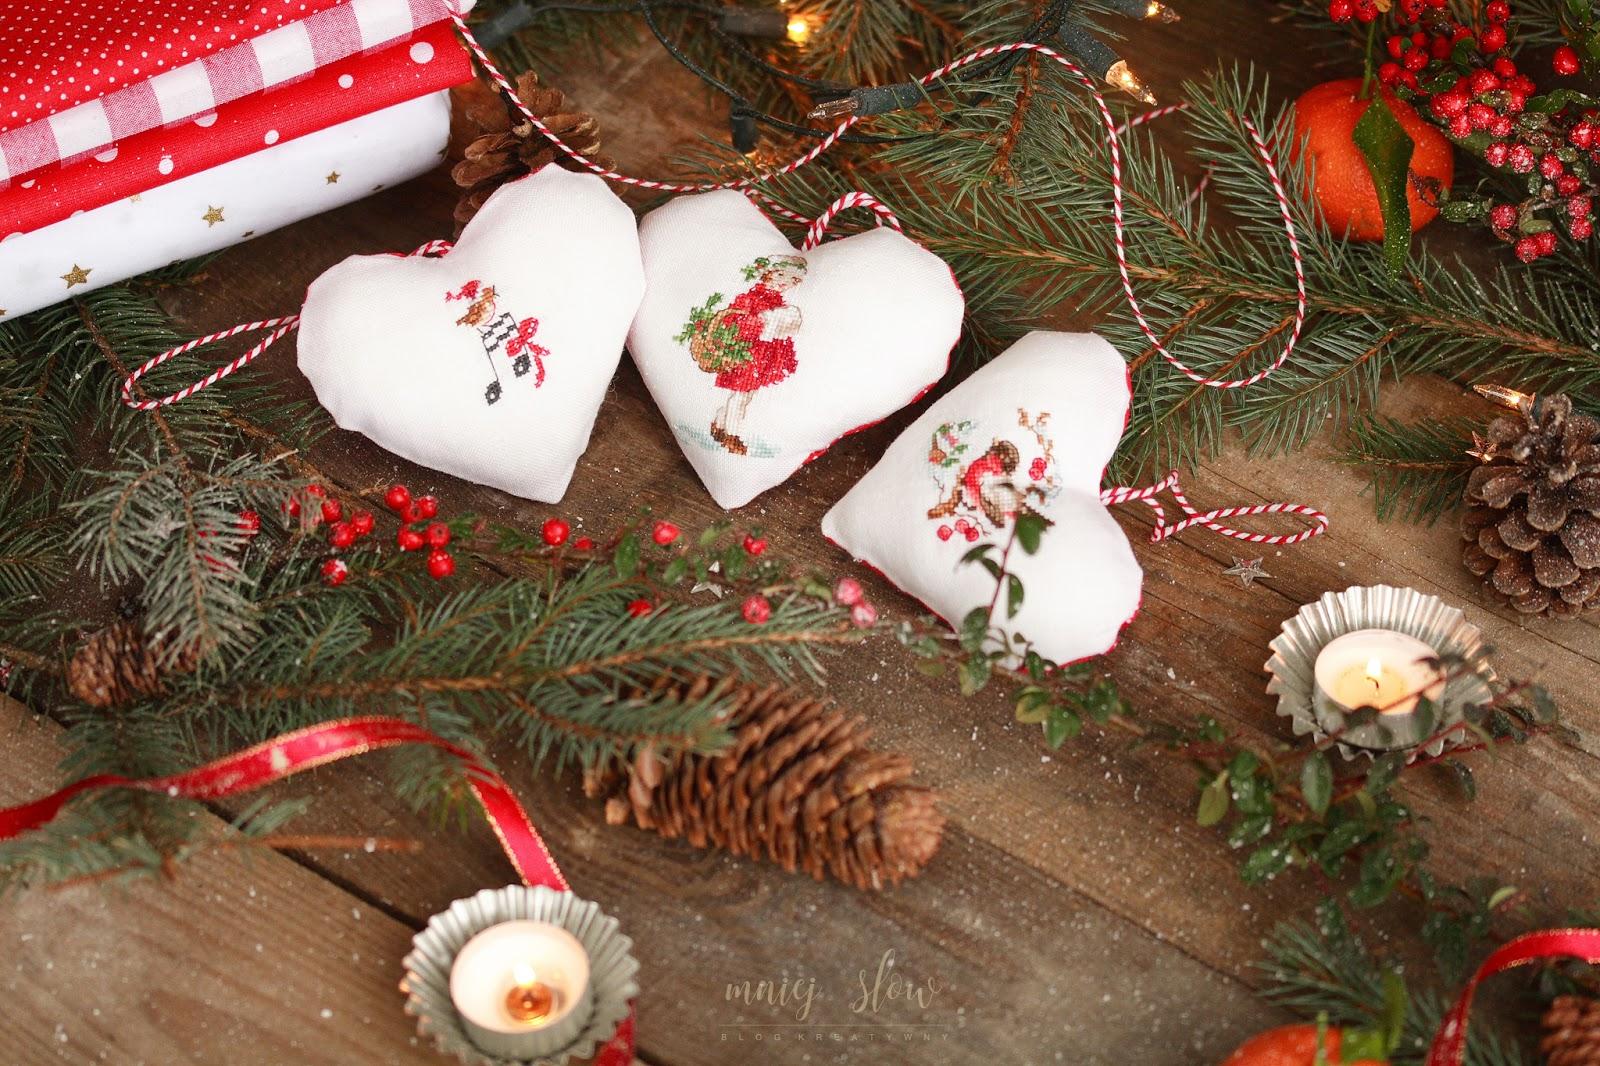 La grande histoire de Noël, La grande histoire de la montagne, La grande histoire des Cartes de vœux i Le calendrier de l'avent - Les Brodeuses Parisiennes